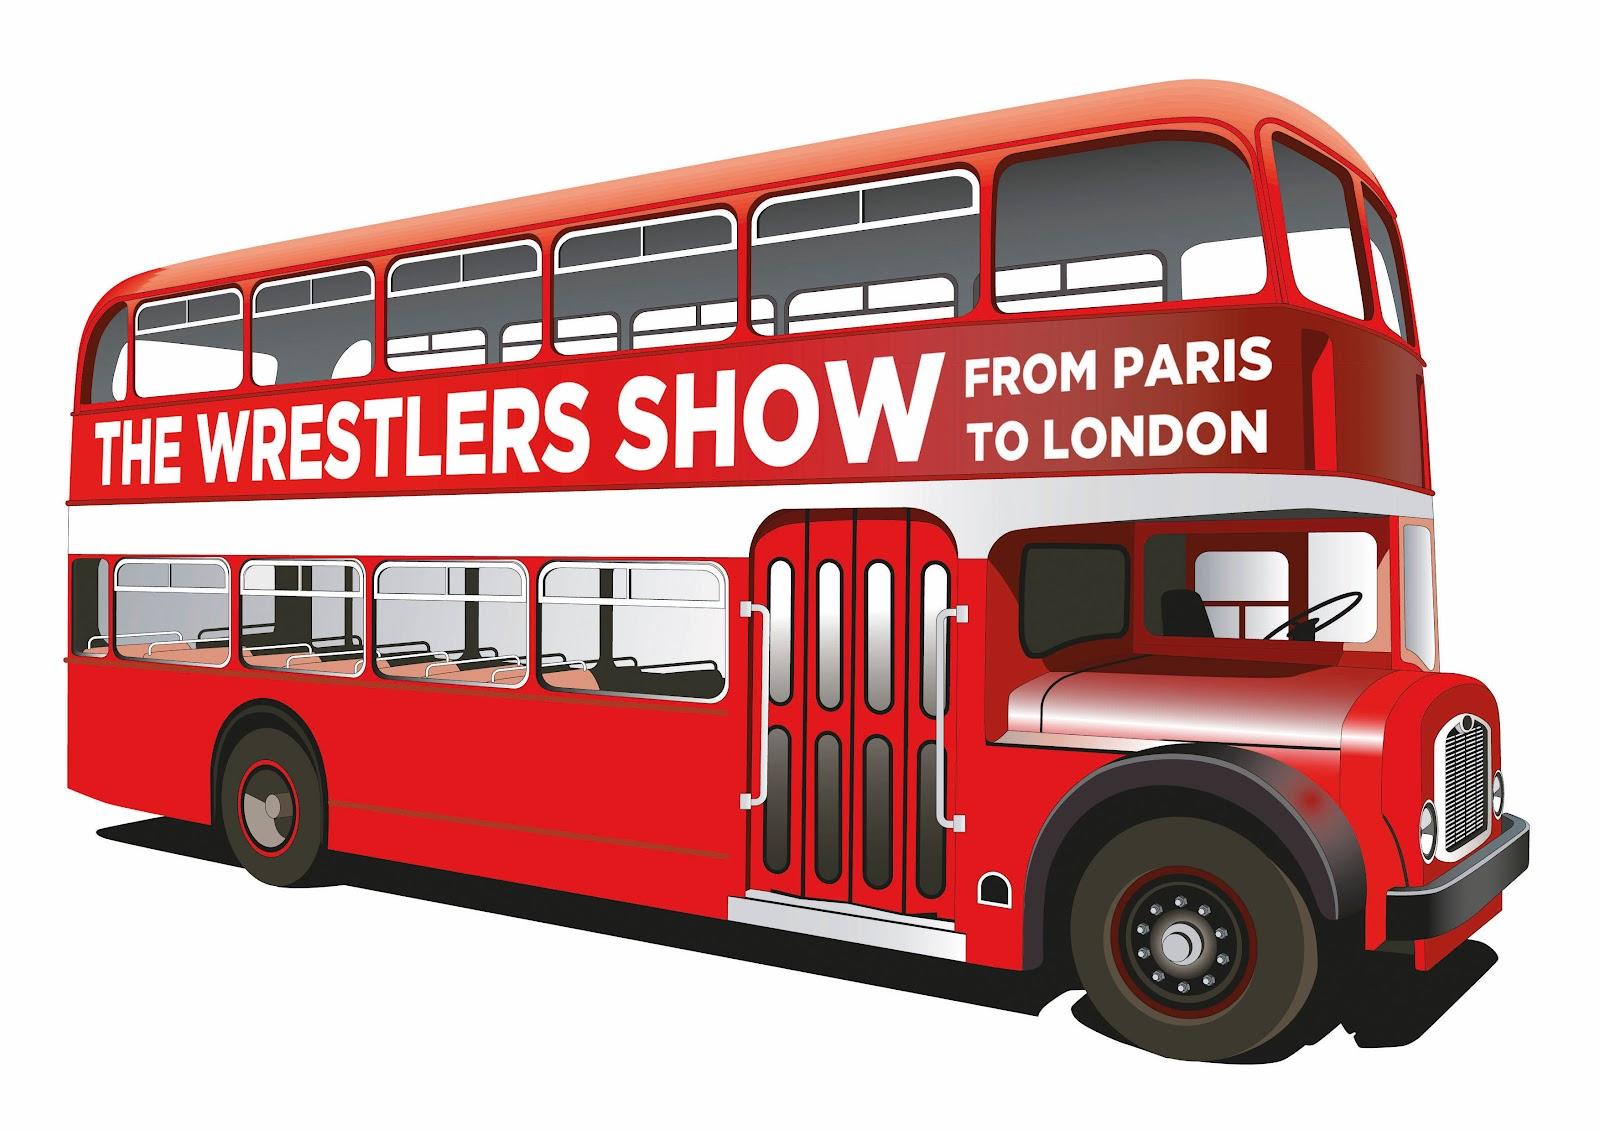 la lutte mon sport la gr co mon style the wrestlers show from paris to london. Black Bedroom Furniture Sets. Home Design Ideas